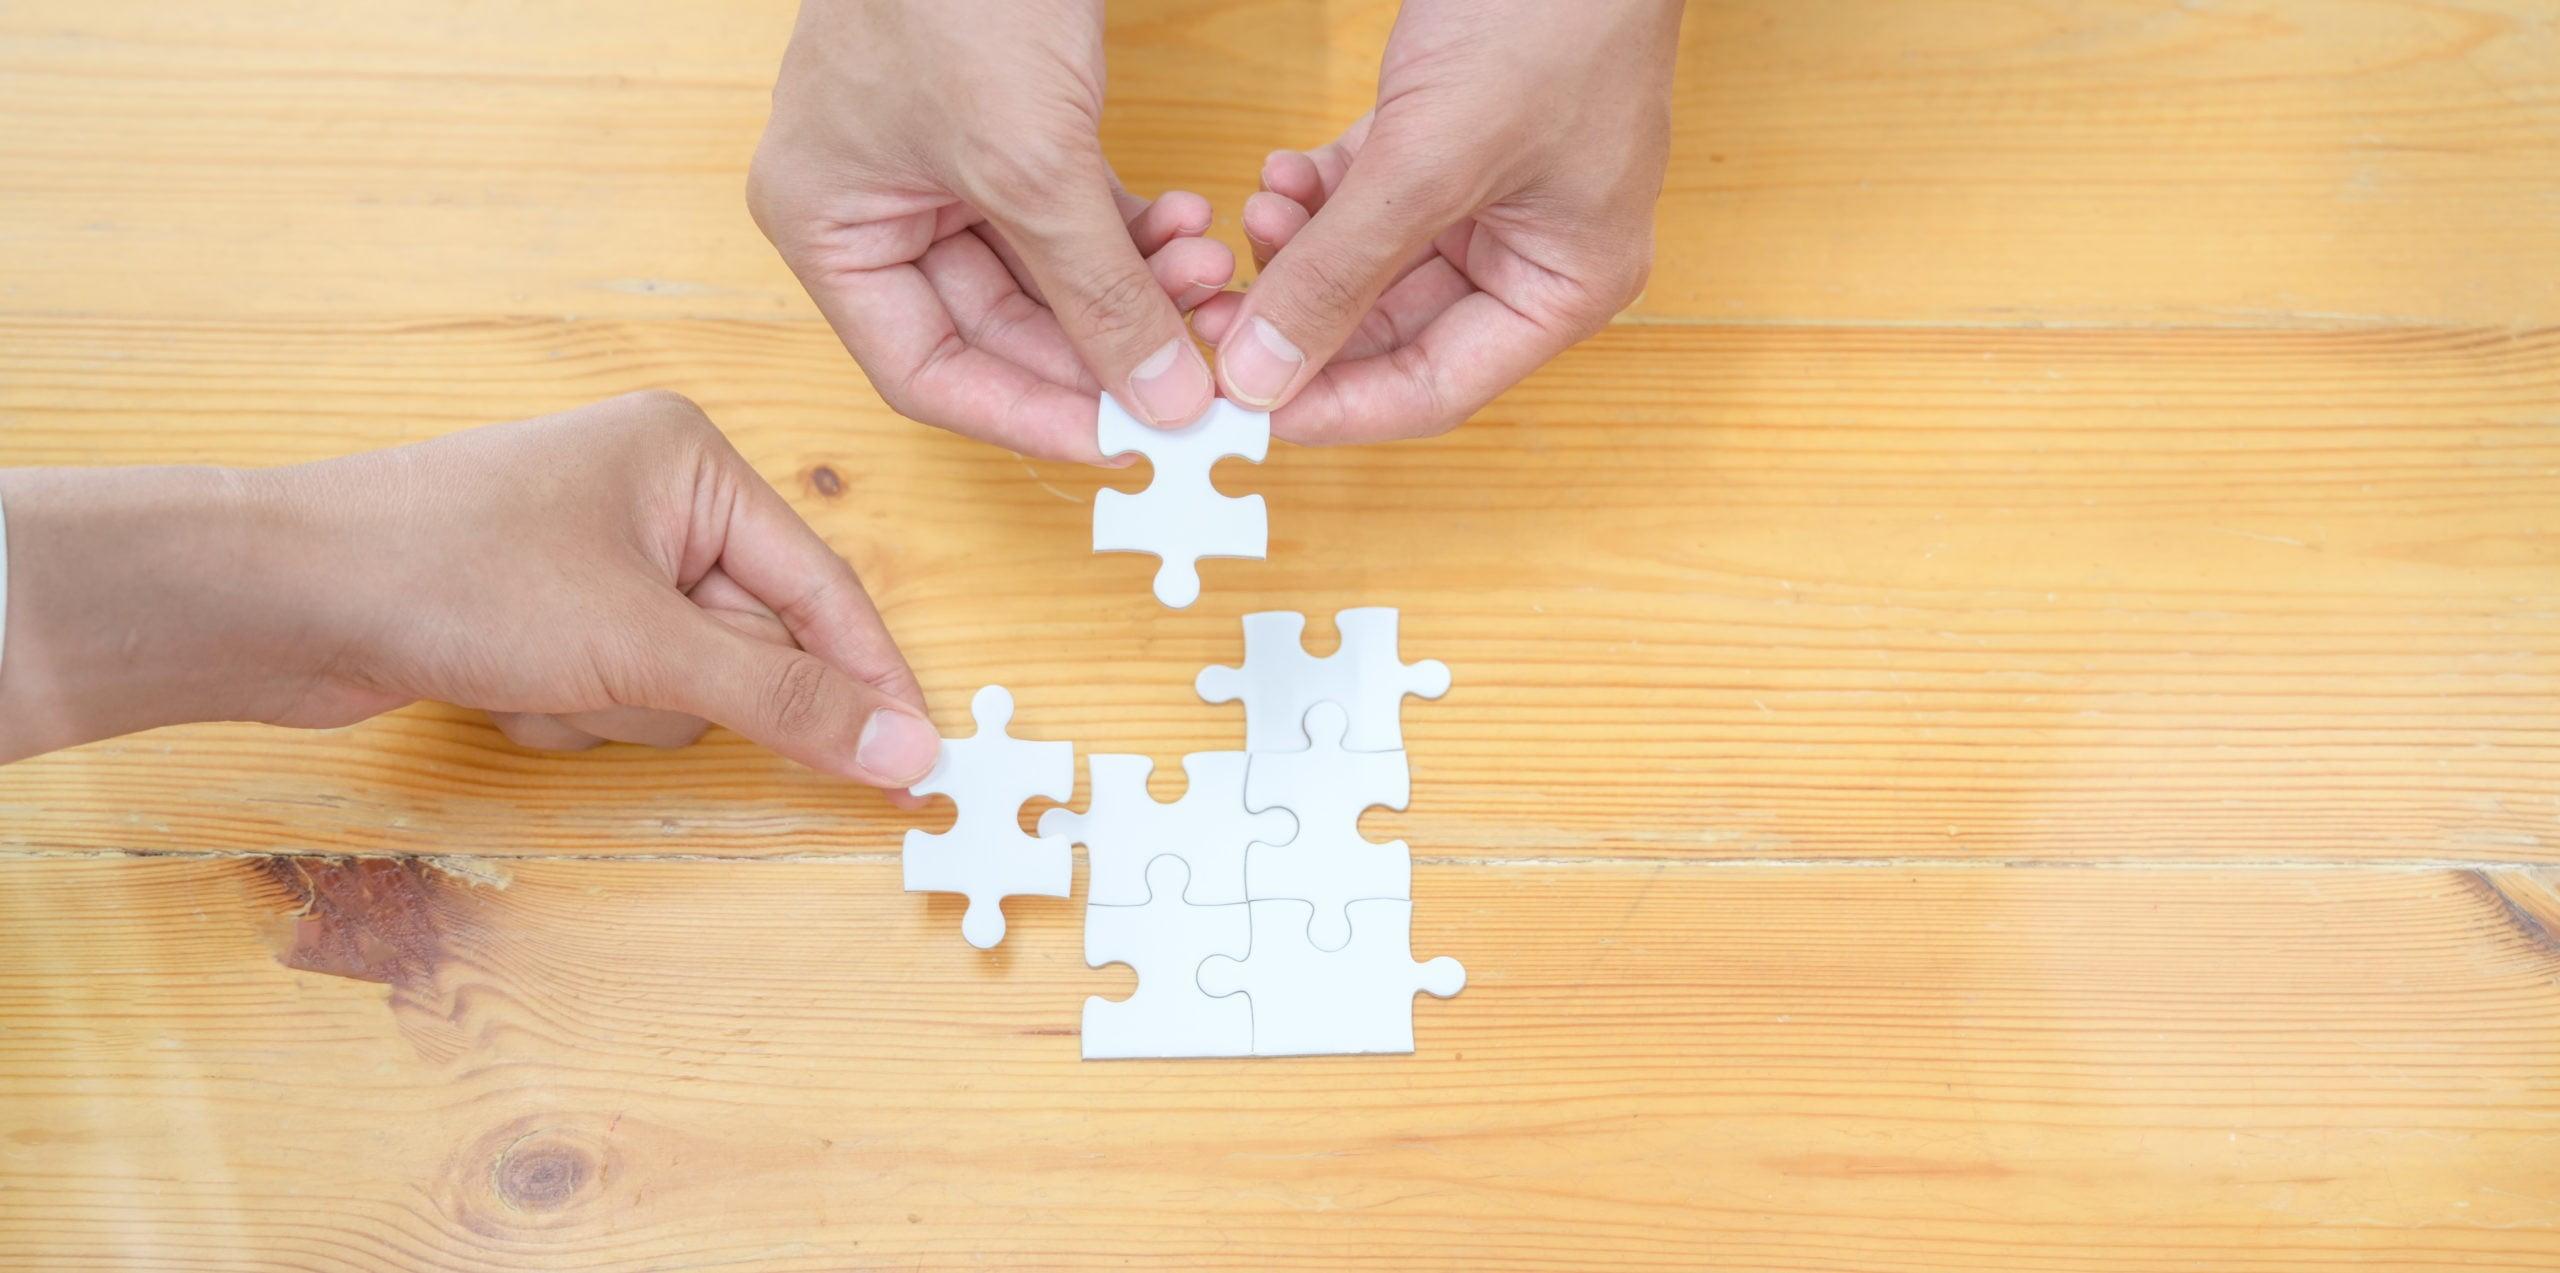 Dwie pary rąk układają puzzle ułożone na drewnianym stole. Jedna osoba ma pulza, który pasuje do dalszej układanki, zna część rozwiązania. dalszy krok